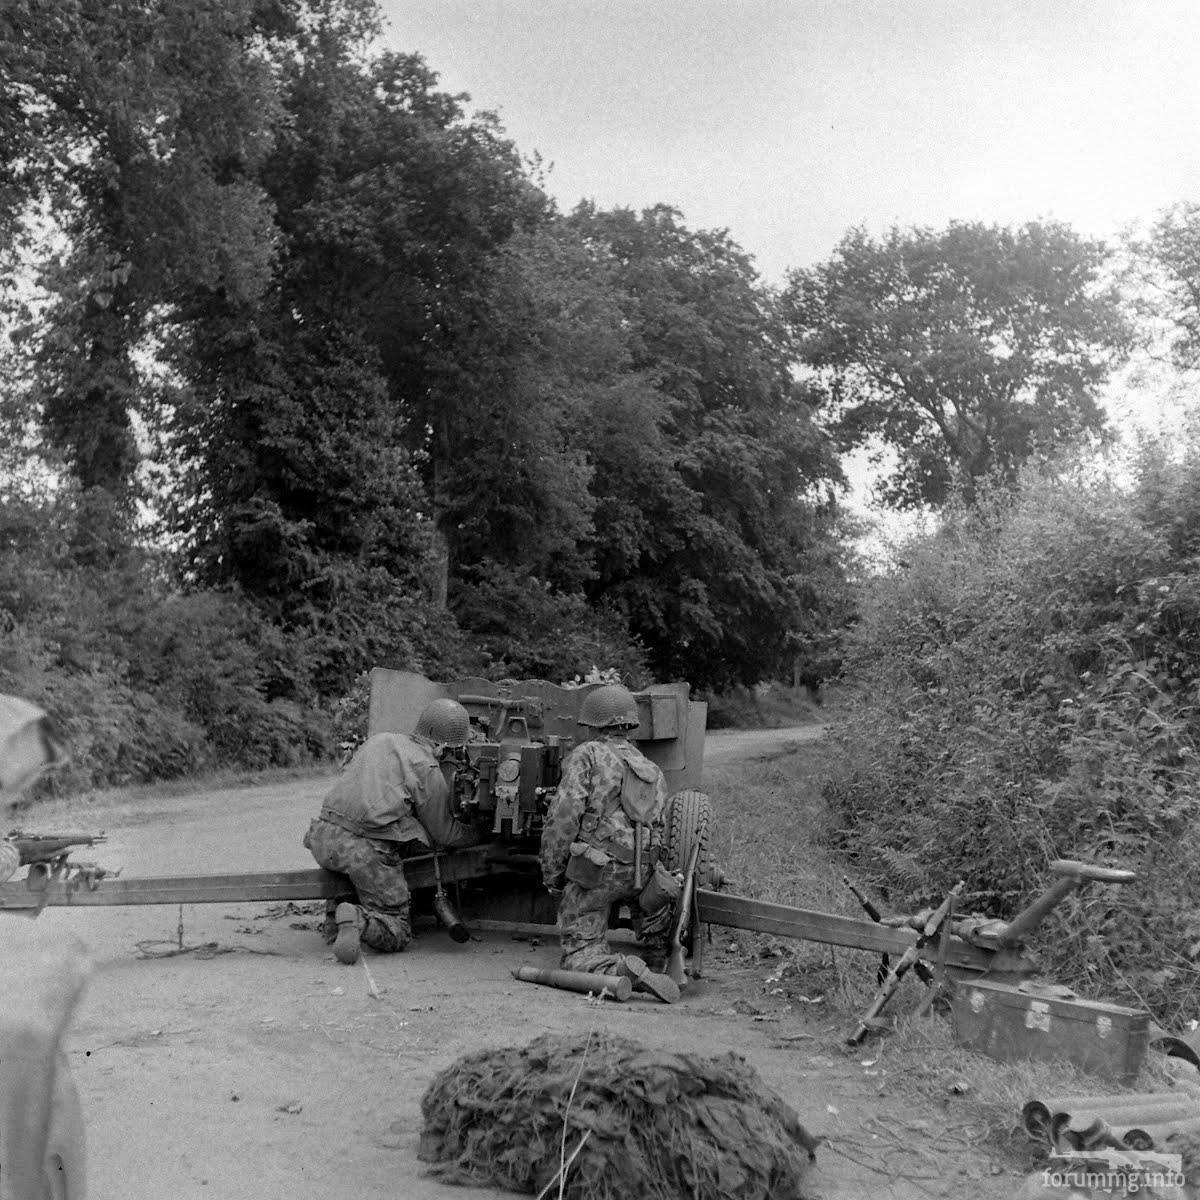 120644 - Военное фото 1939-1945 г.г. Западный фронт и Африка.